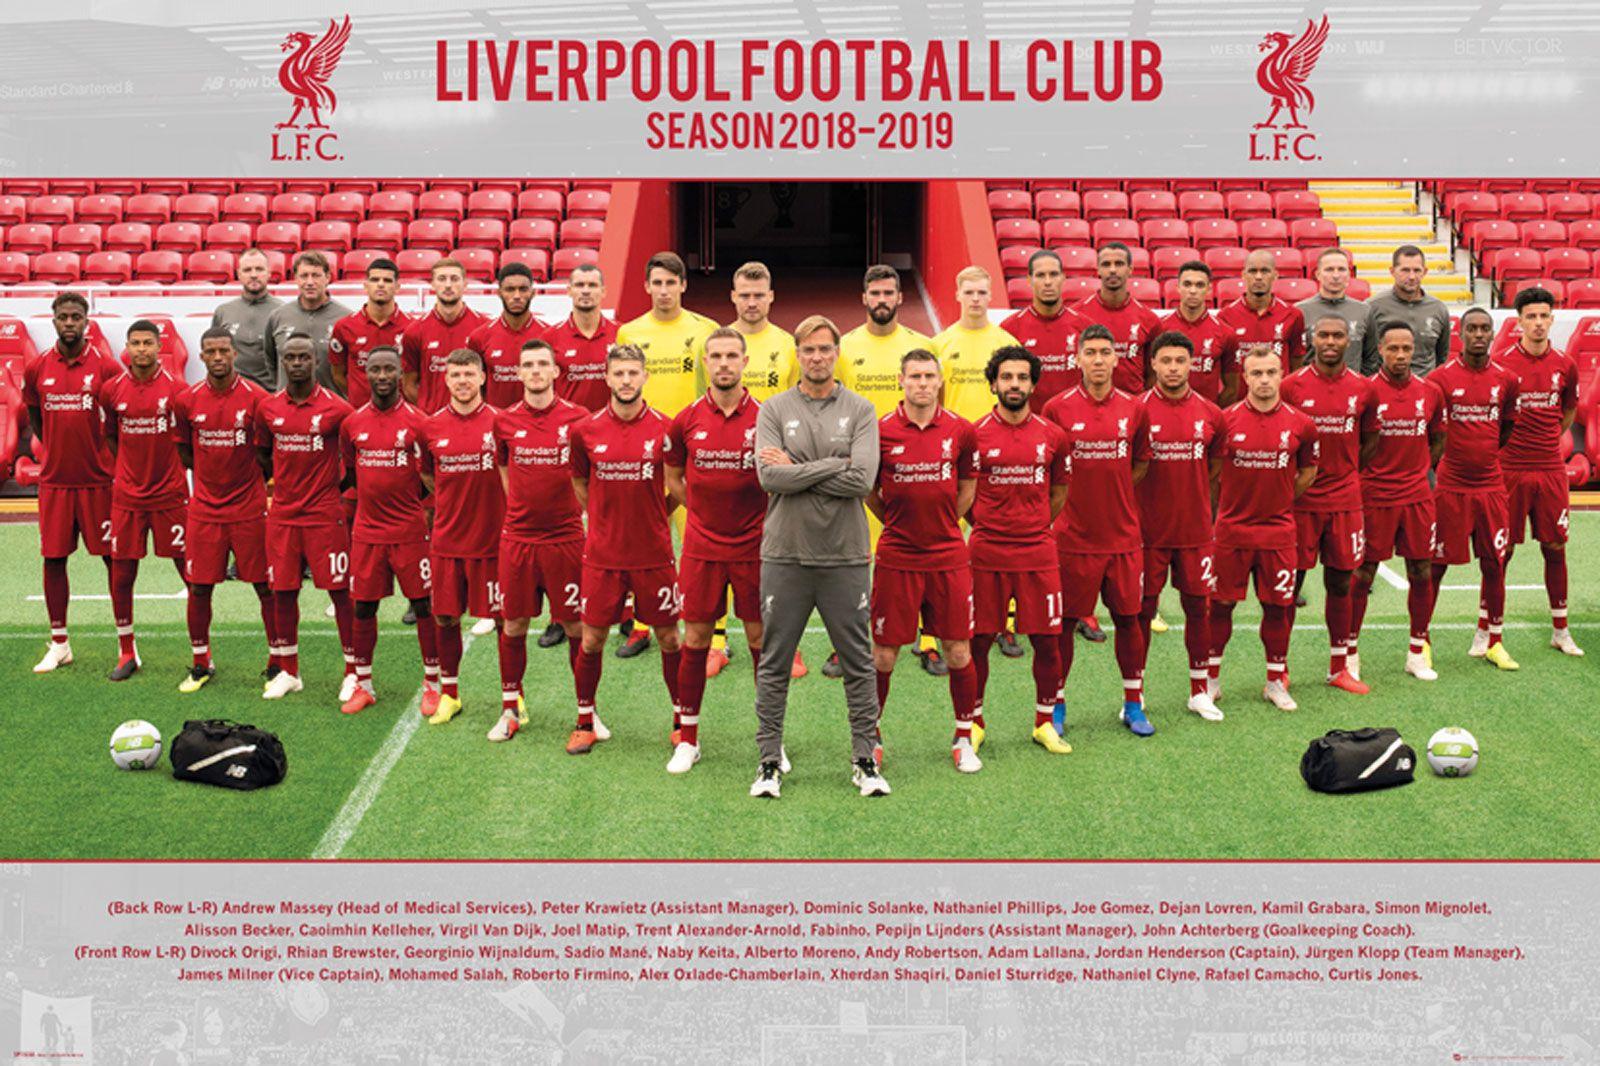 Oryginalny plakat z klubem Liverpool FC